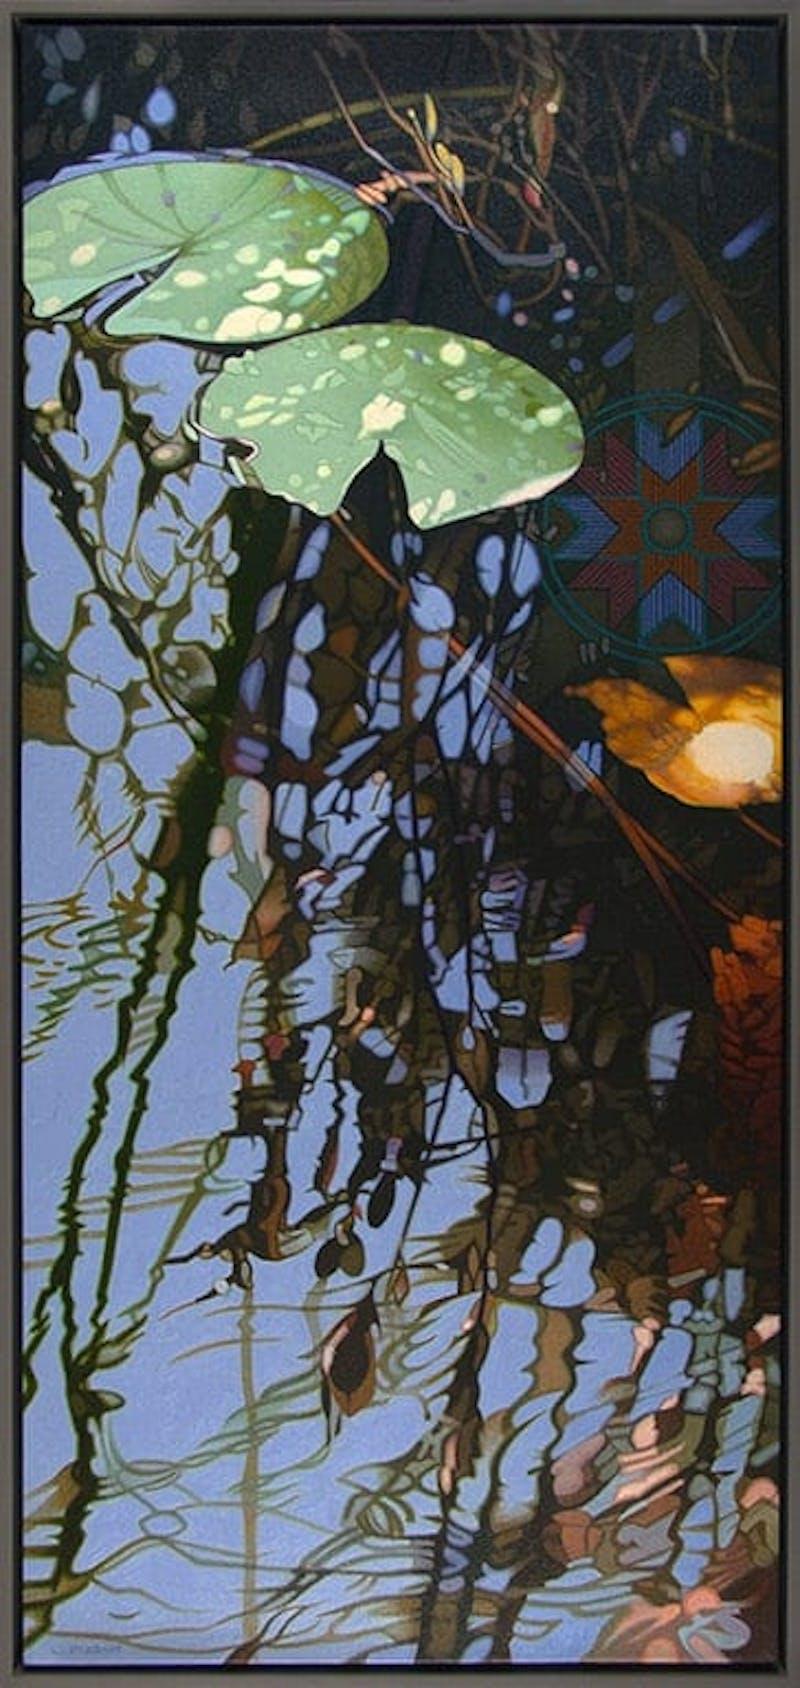 Star Lake Blues 6 Image 1